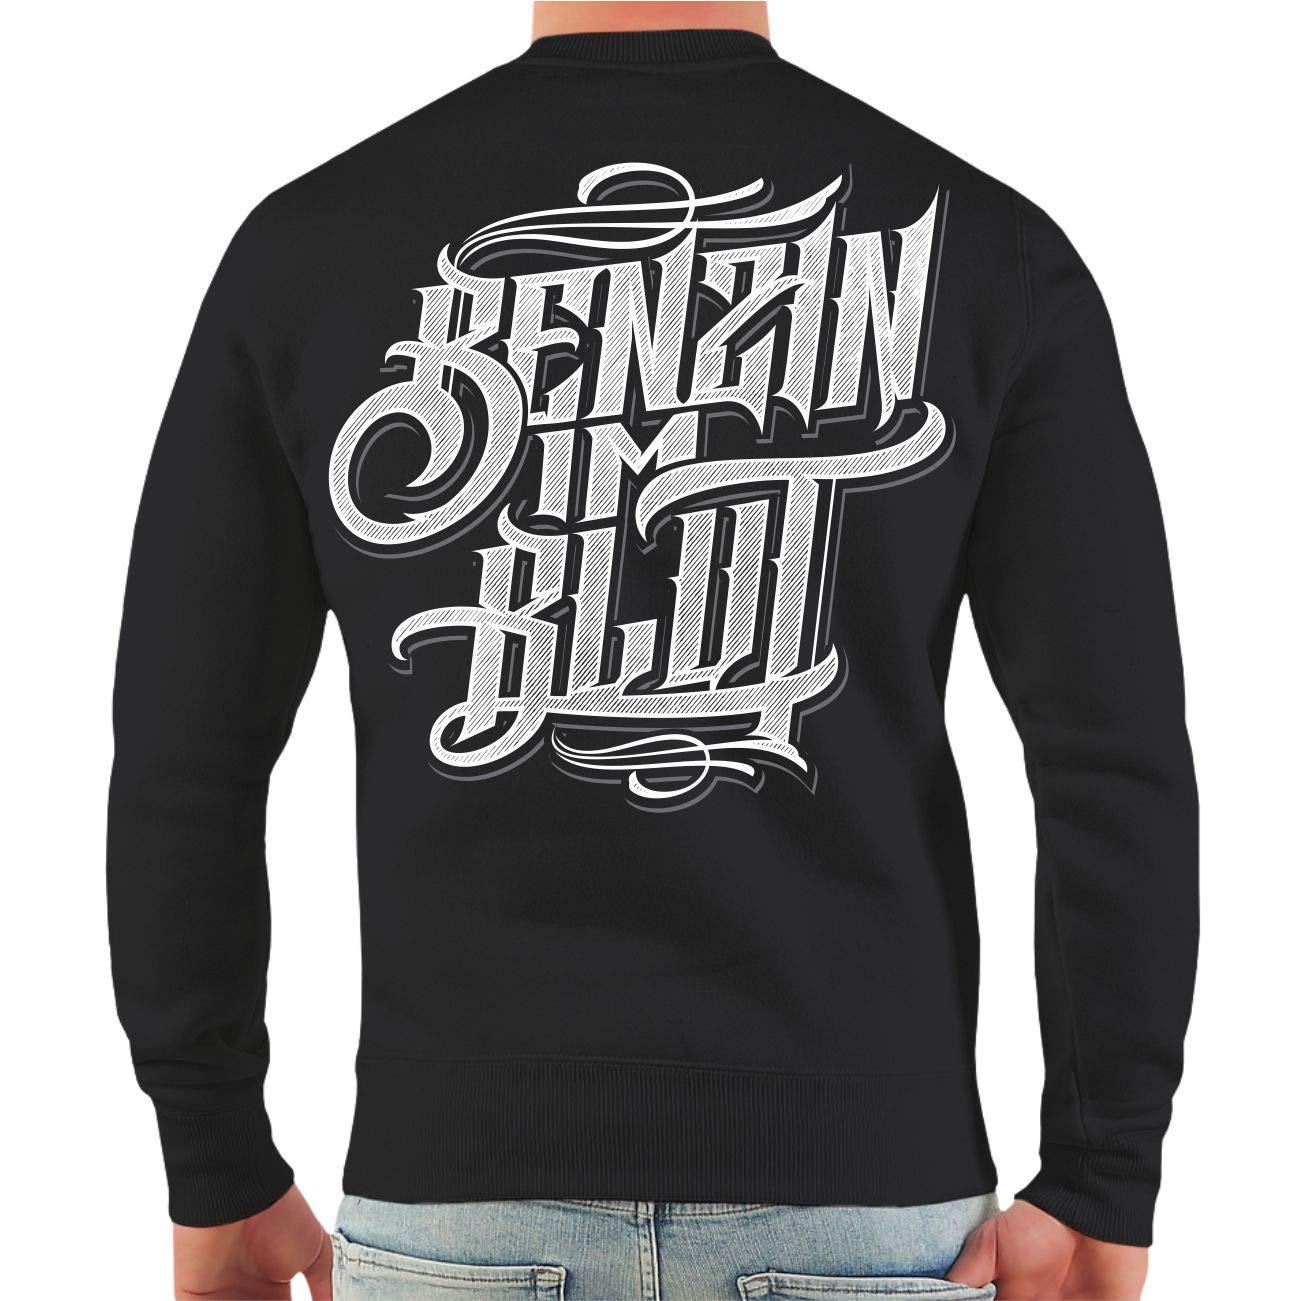 Spaß kostet Männer und Herren Pullover Pullover Pullover Biker Stahl verbindet Benzin im Blaut (mit Rückendruck) Größe S - 10XL B07JVFXX5S Sweatshirts Abrechnungspreis 5631fd